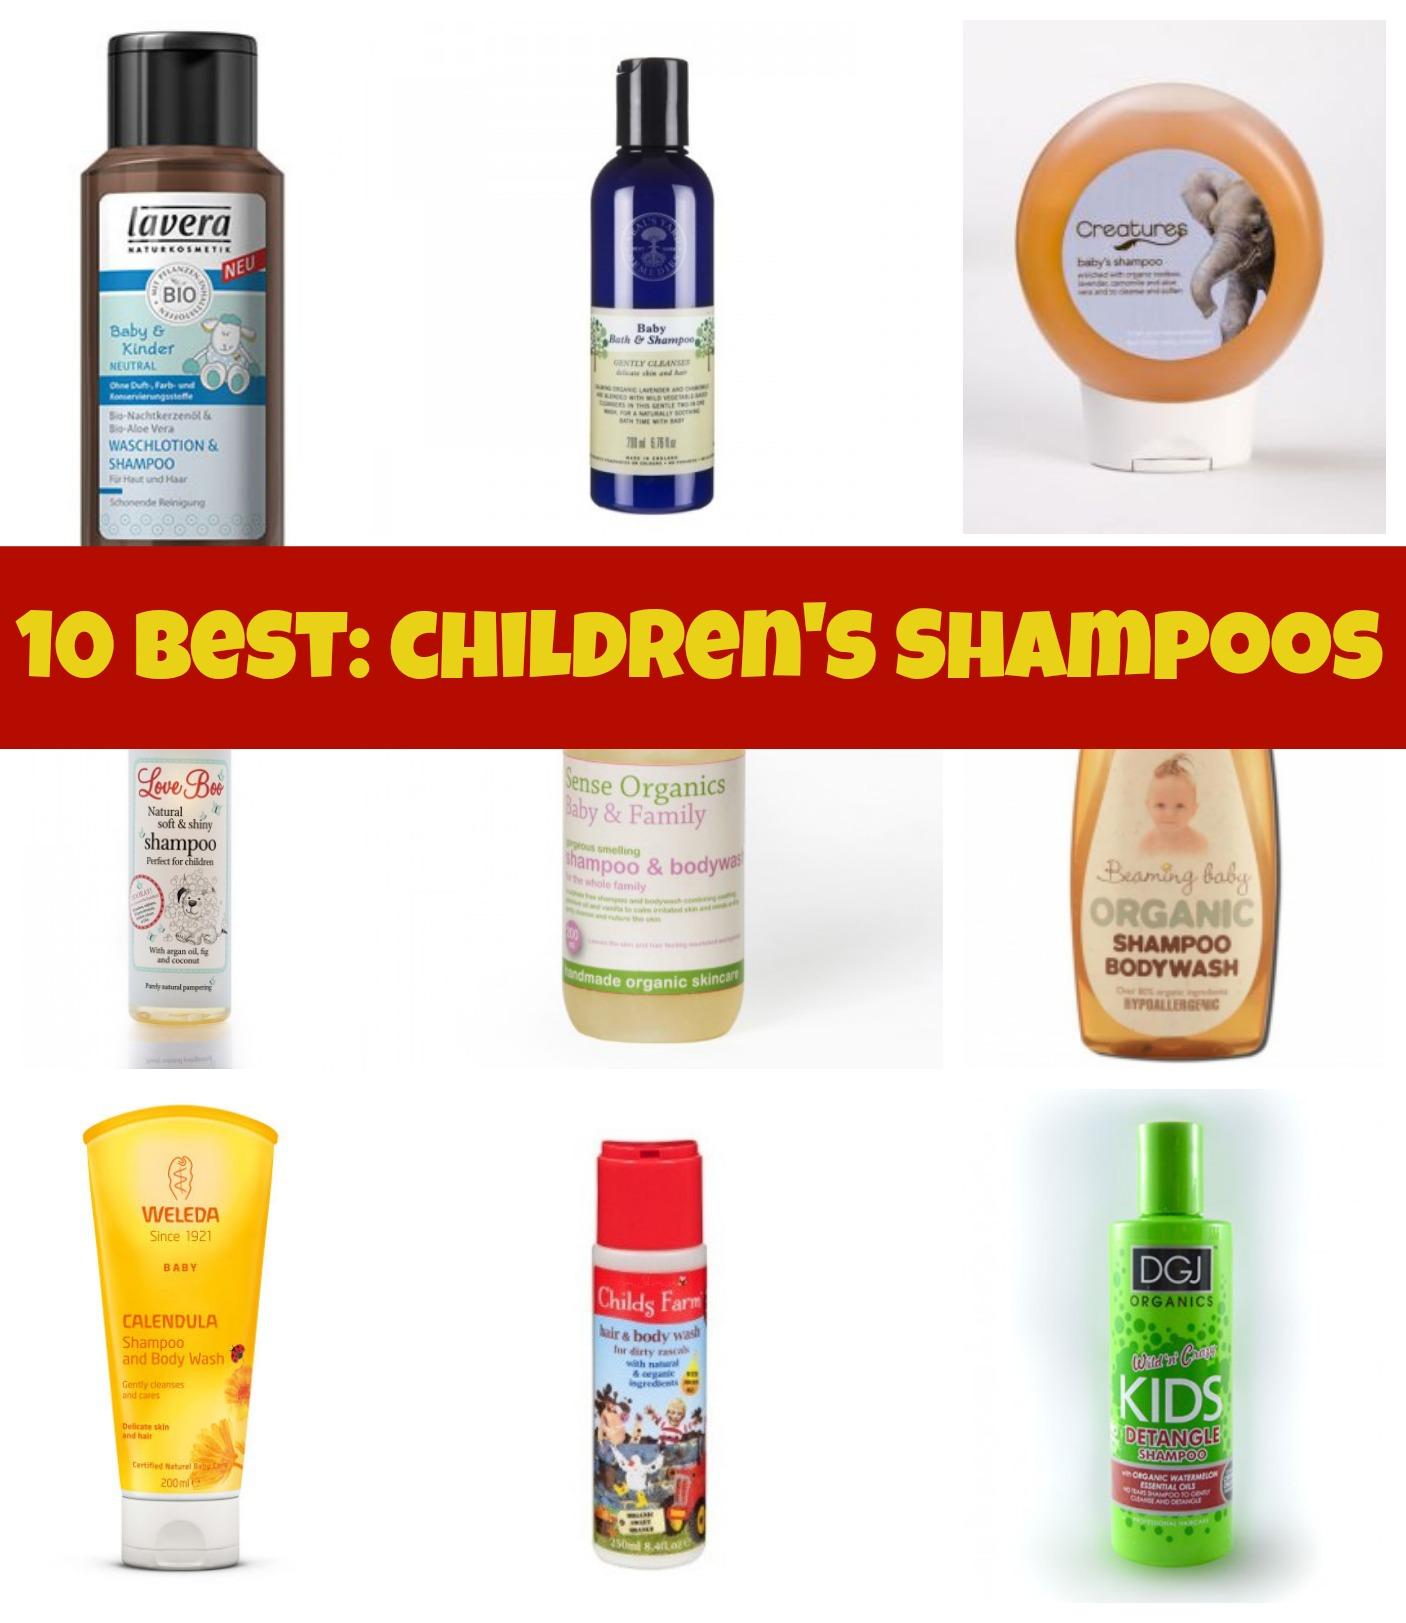 10 best: children's shampoos